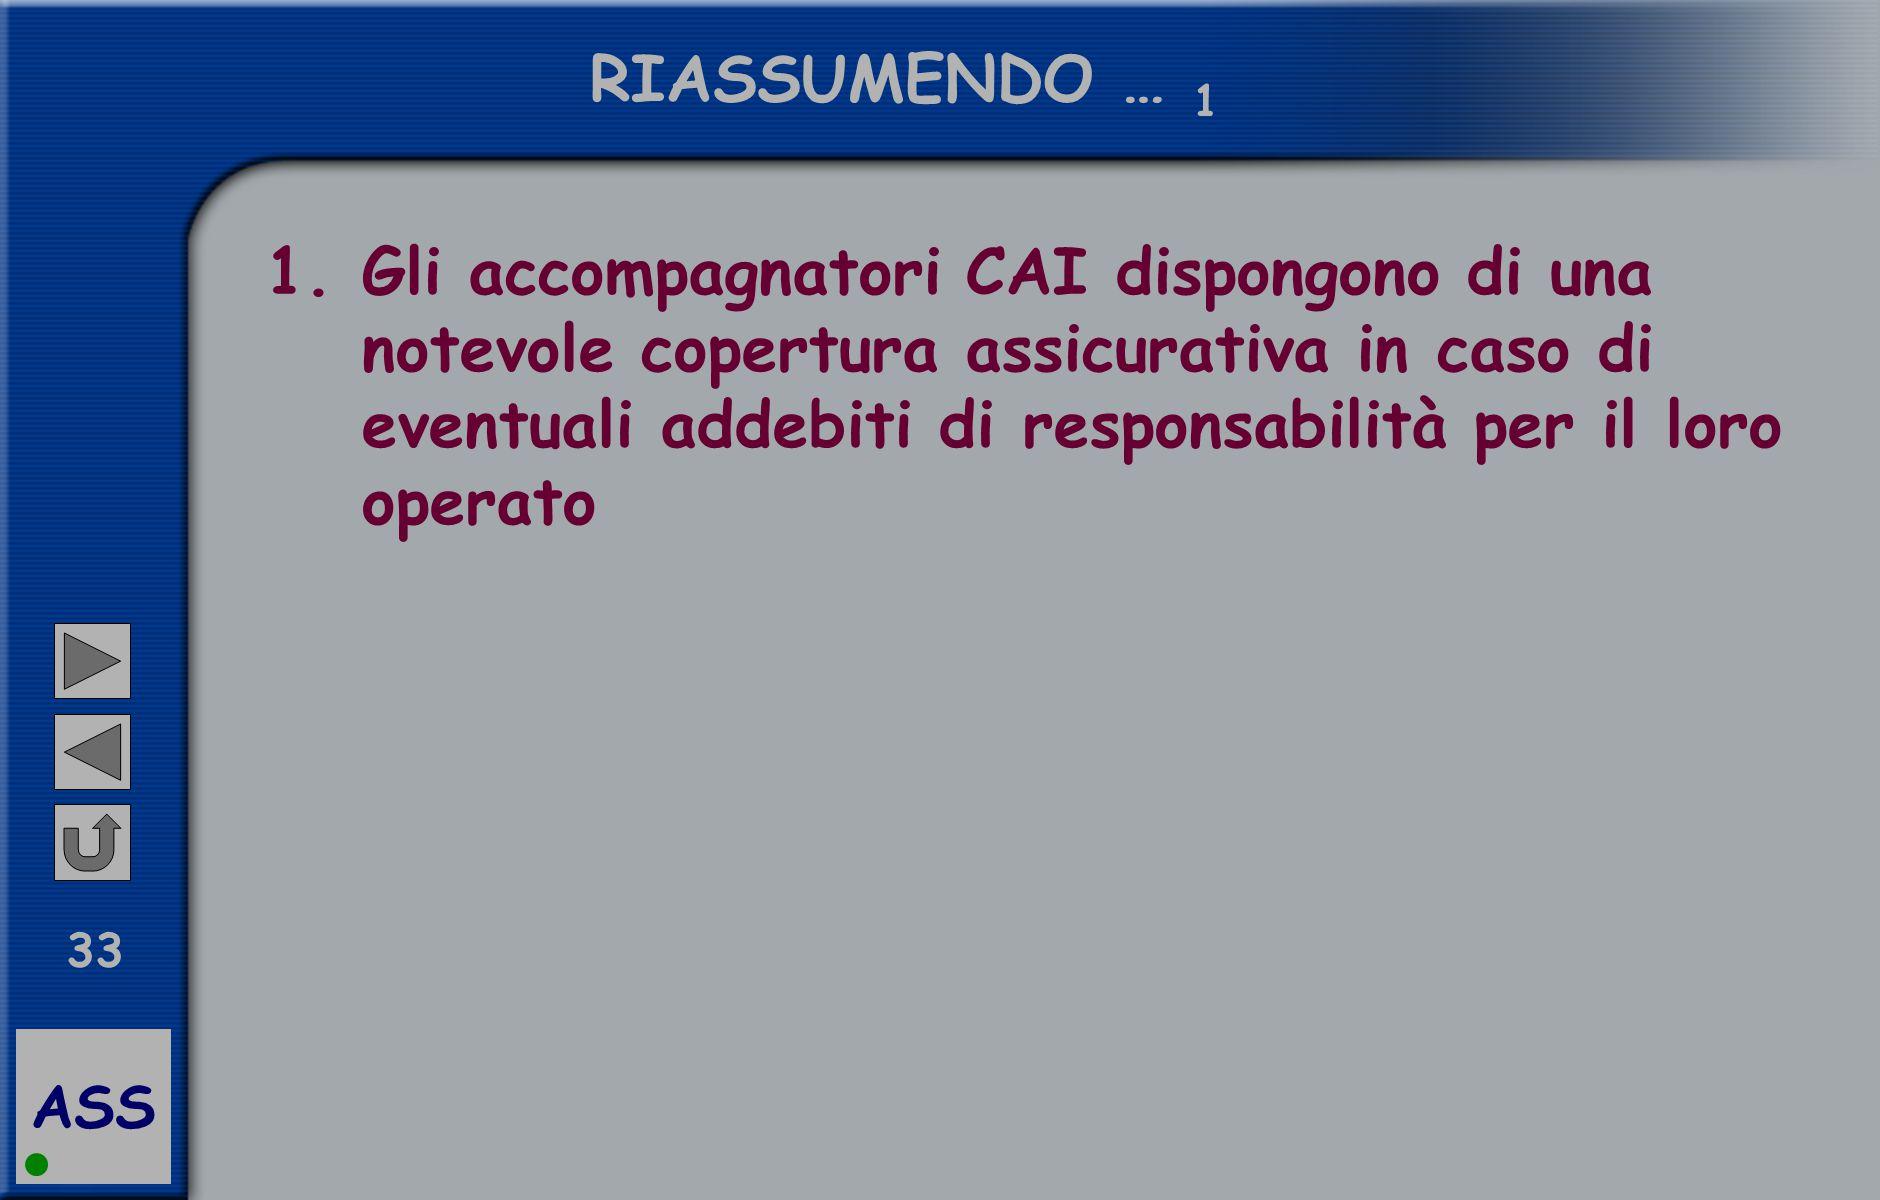 ASS 33 RIASSUMENDO … 1 1.Gli accompagnatori CAI dispongono di una notevole copertura assicurativa in caso di eventuali addebiti di responsabilità per il loro operato